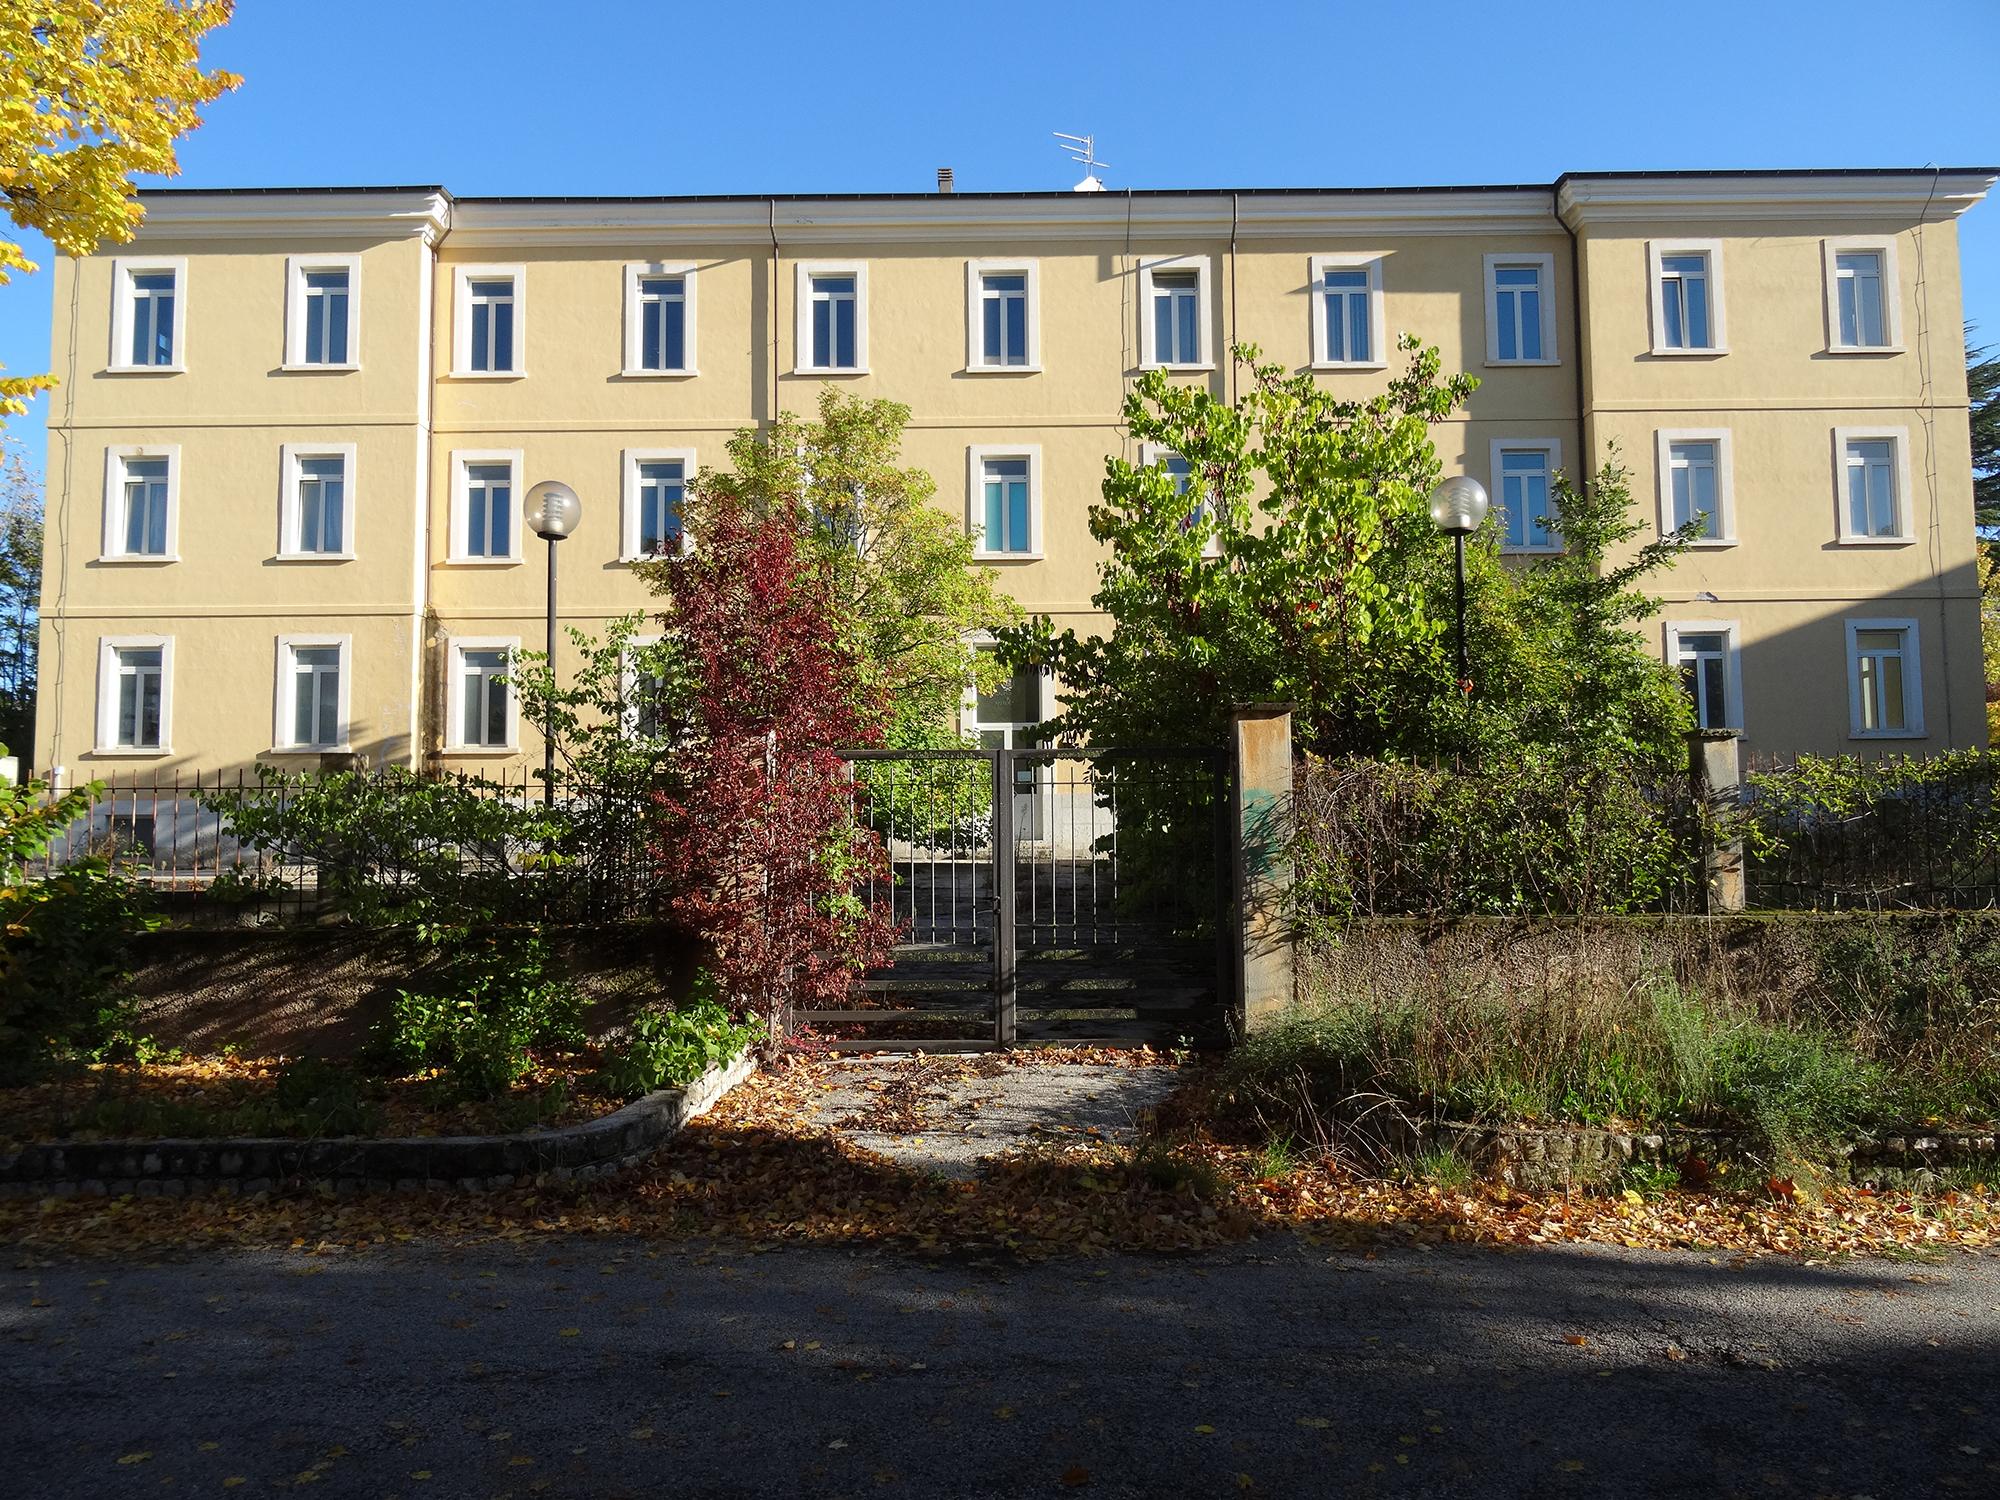 1° Classificato – Edificio B9 Collemaggio, L'Aquila